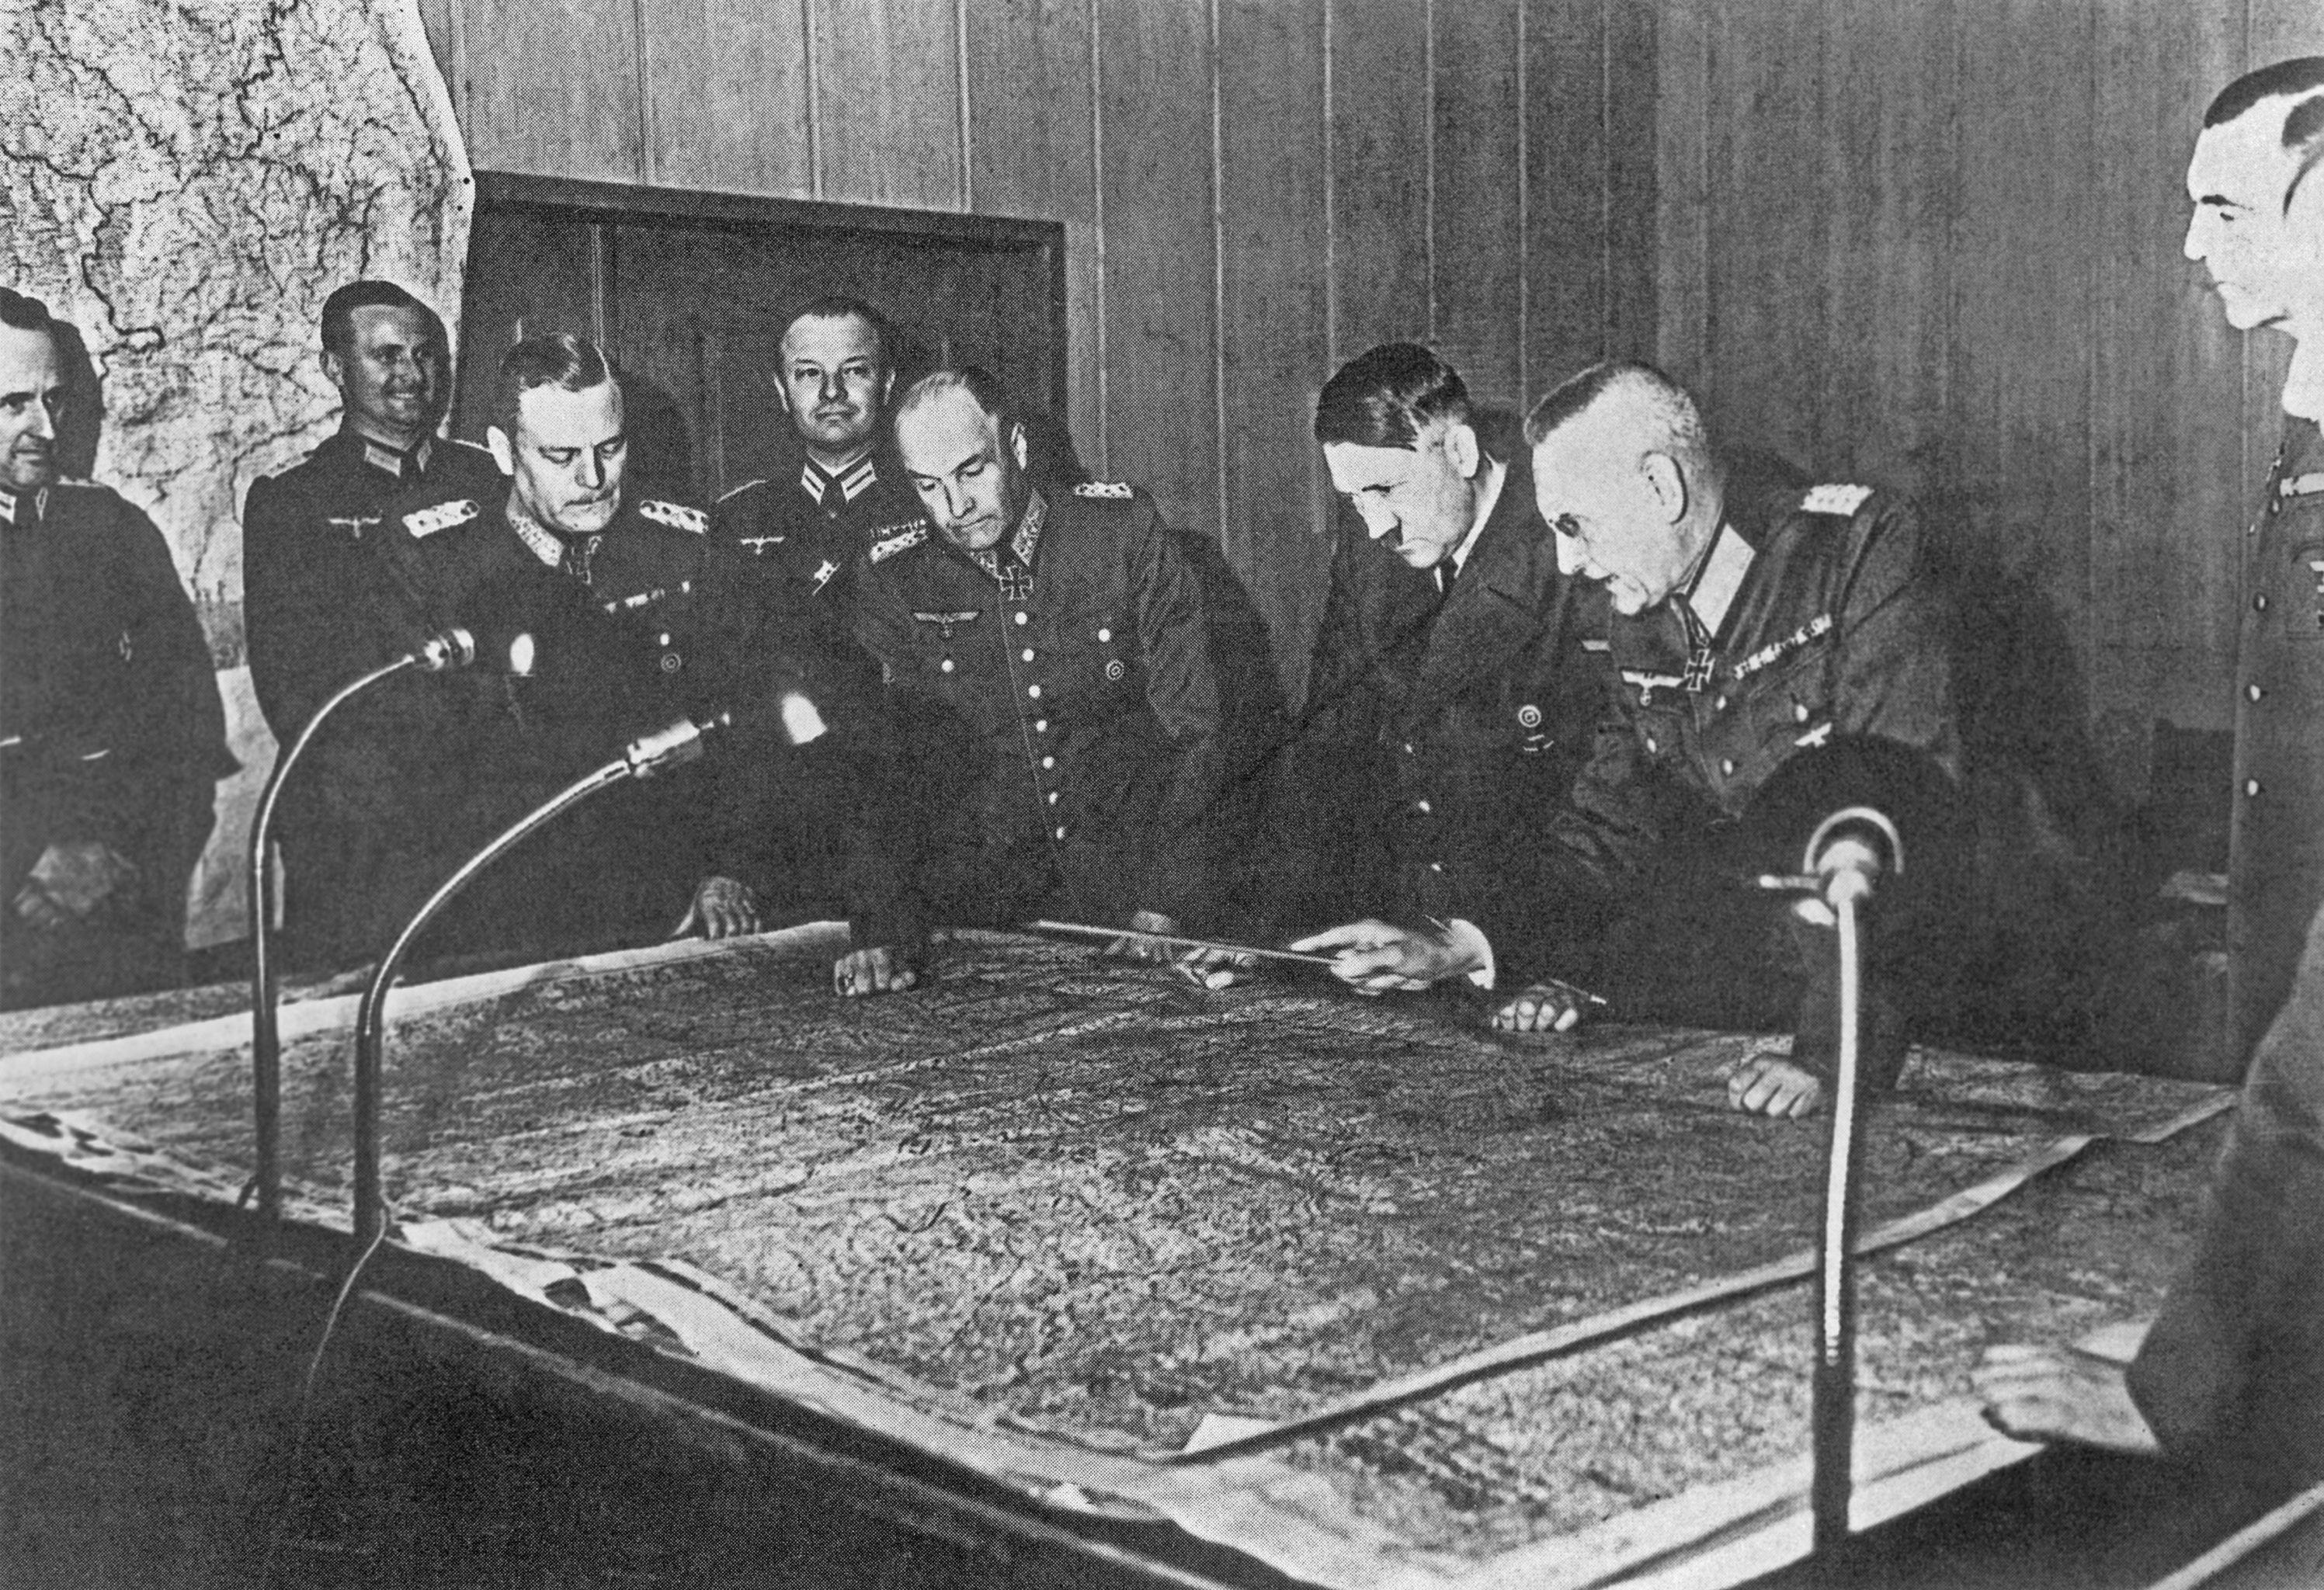 Marechal W. Keitel, coronel-general Walther von Brauchitsch, líder nazista Adolf Hitler e coronel-general F. Galder perto da mesa com um mapa durante a reunião do Estado-Maior General em 1940